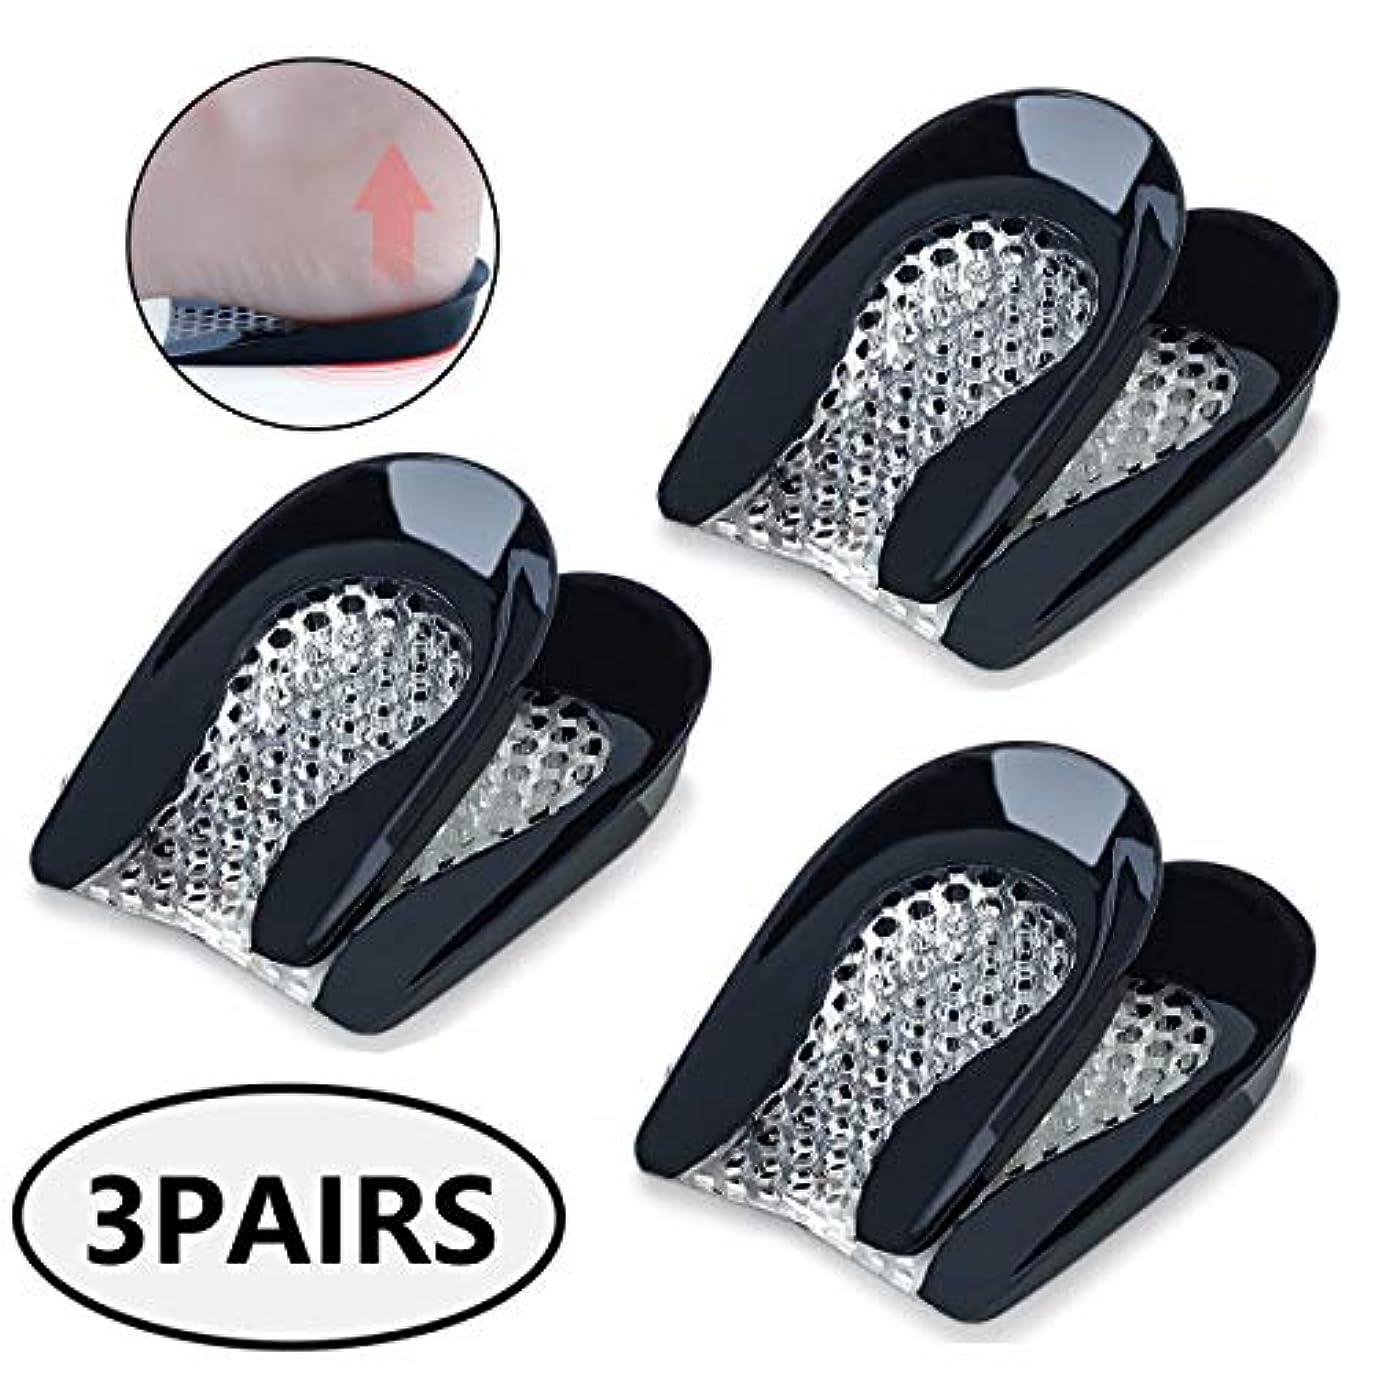 所属立派なセールスマン整形外科靴の中敷の靴の挿入物-かかとの痛み、かかとのかかと、アキレス腱炎のかかとカップ-女性用かかとジェルパッド(3組)